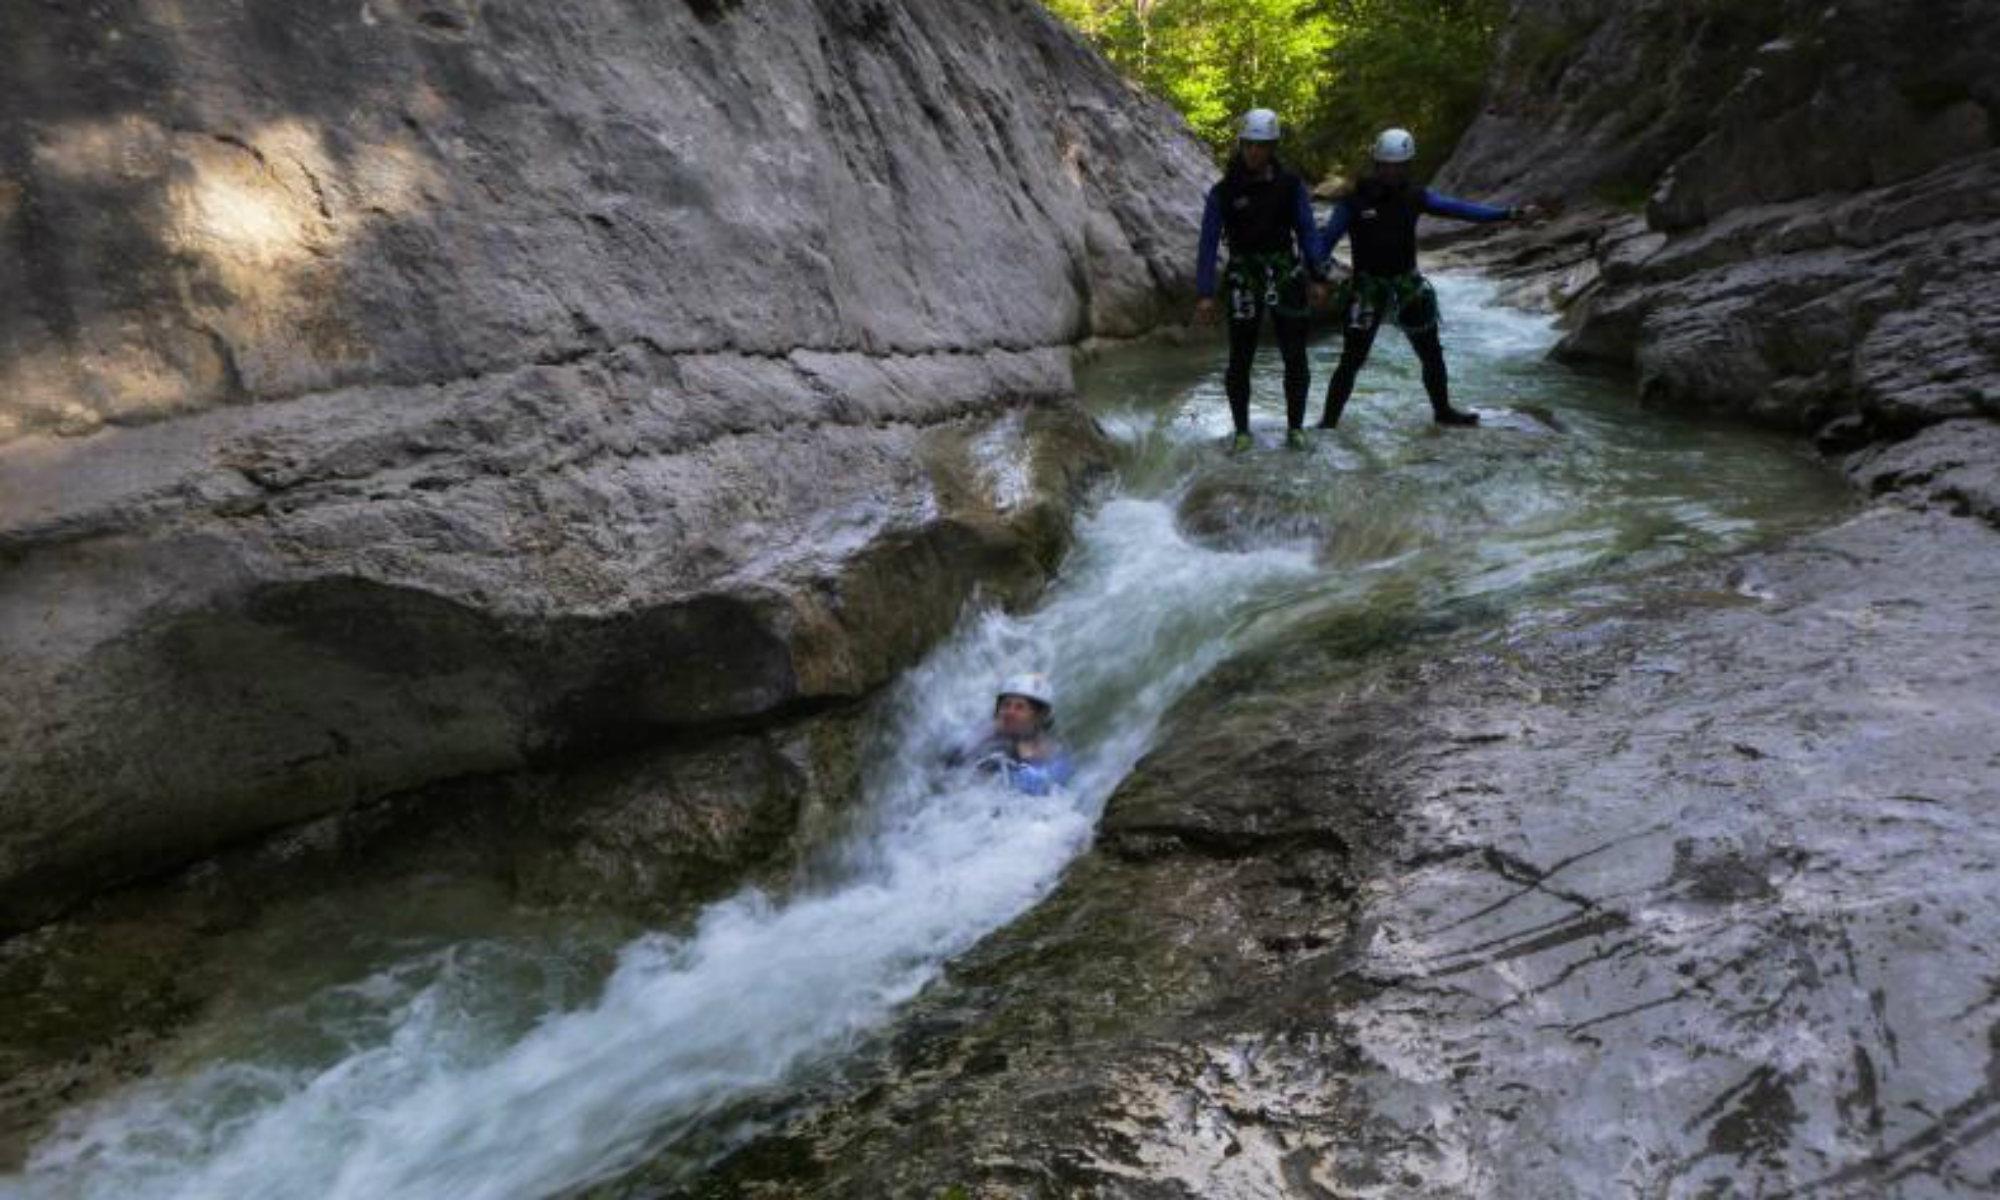 Une personne glisse dans un toboggan naturel dans le canyon du Haut Jabron sous les yeux de deux amis.